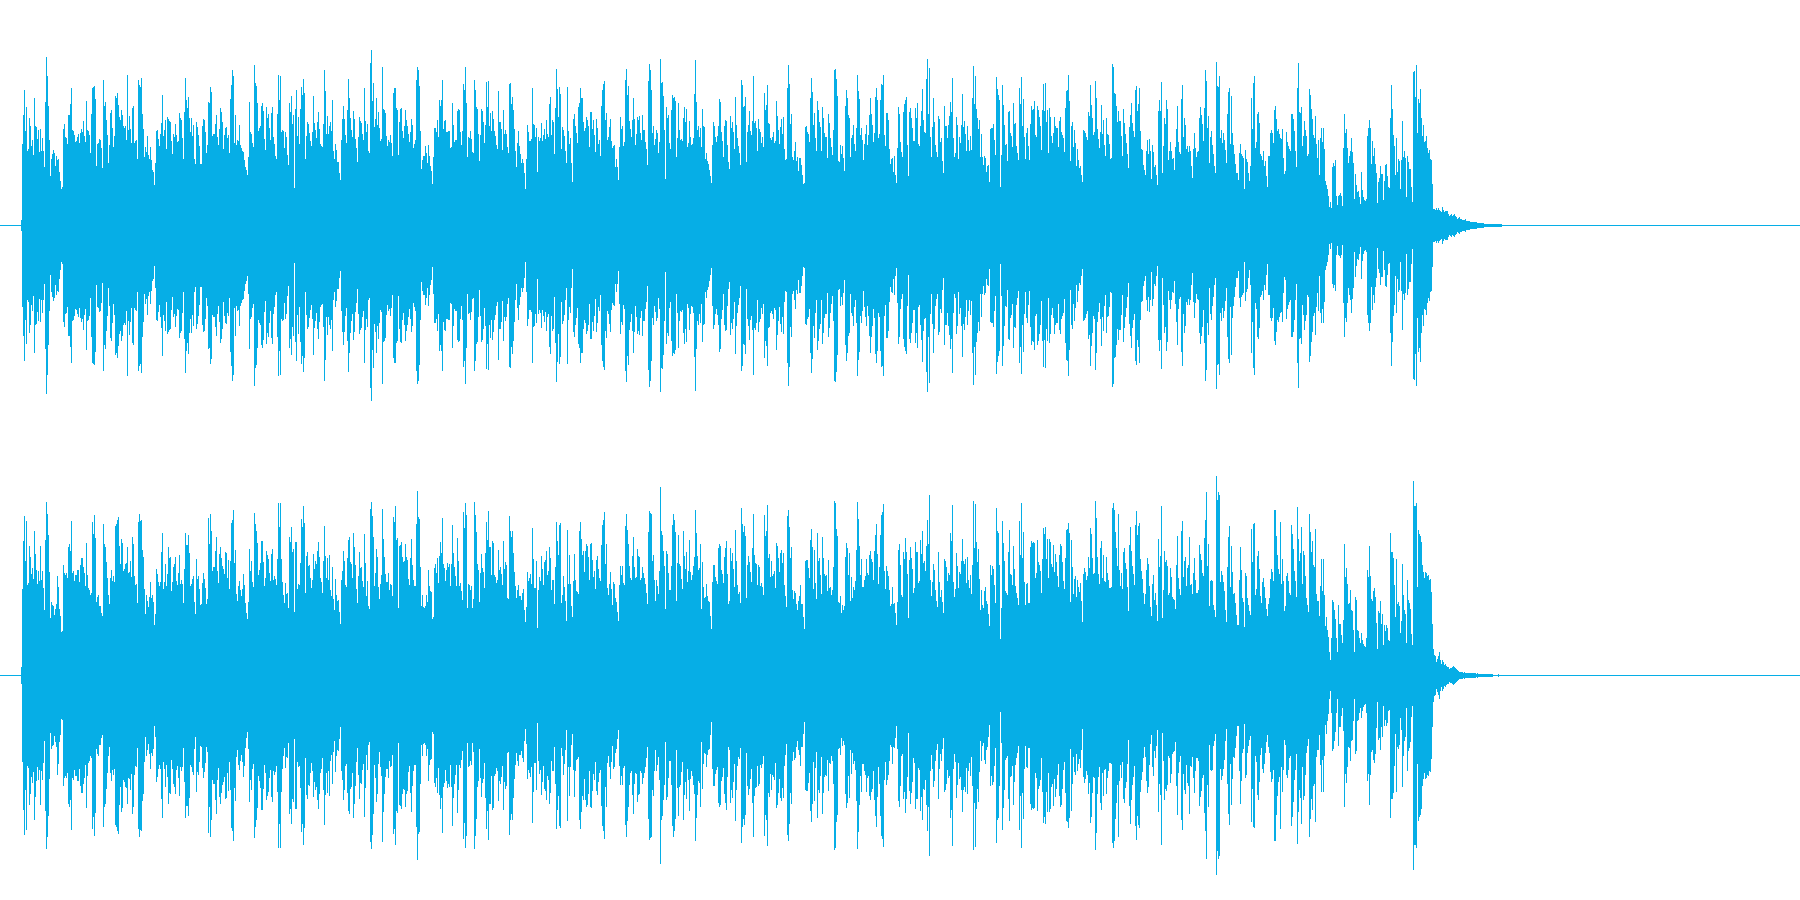 キャッチーなテクノポップ(サビ~エンド)の再生済みの波形